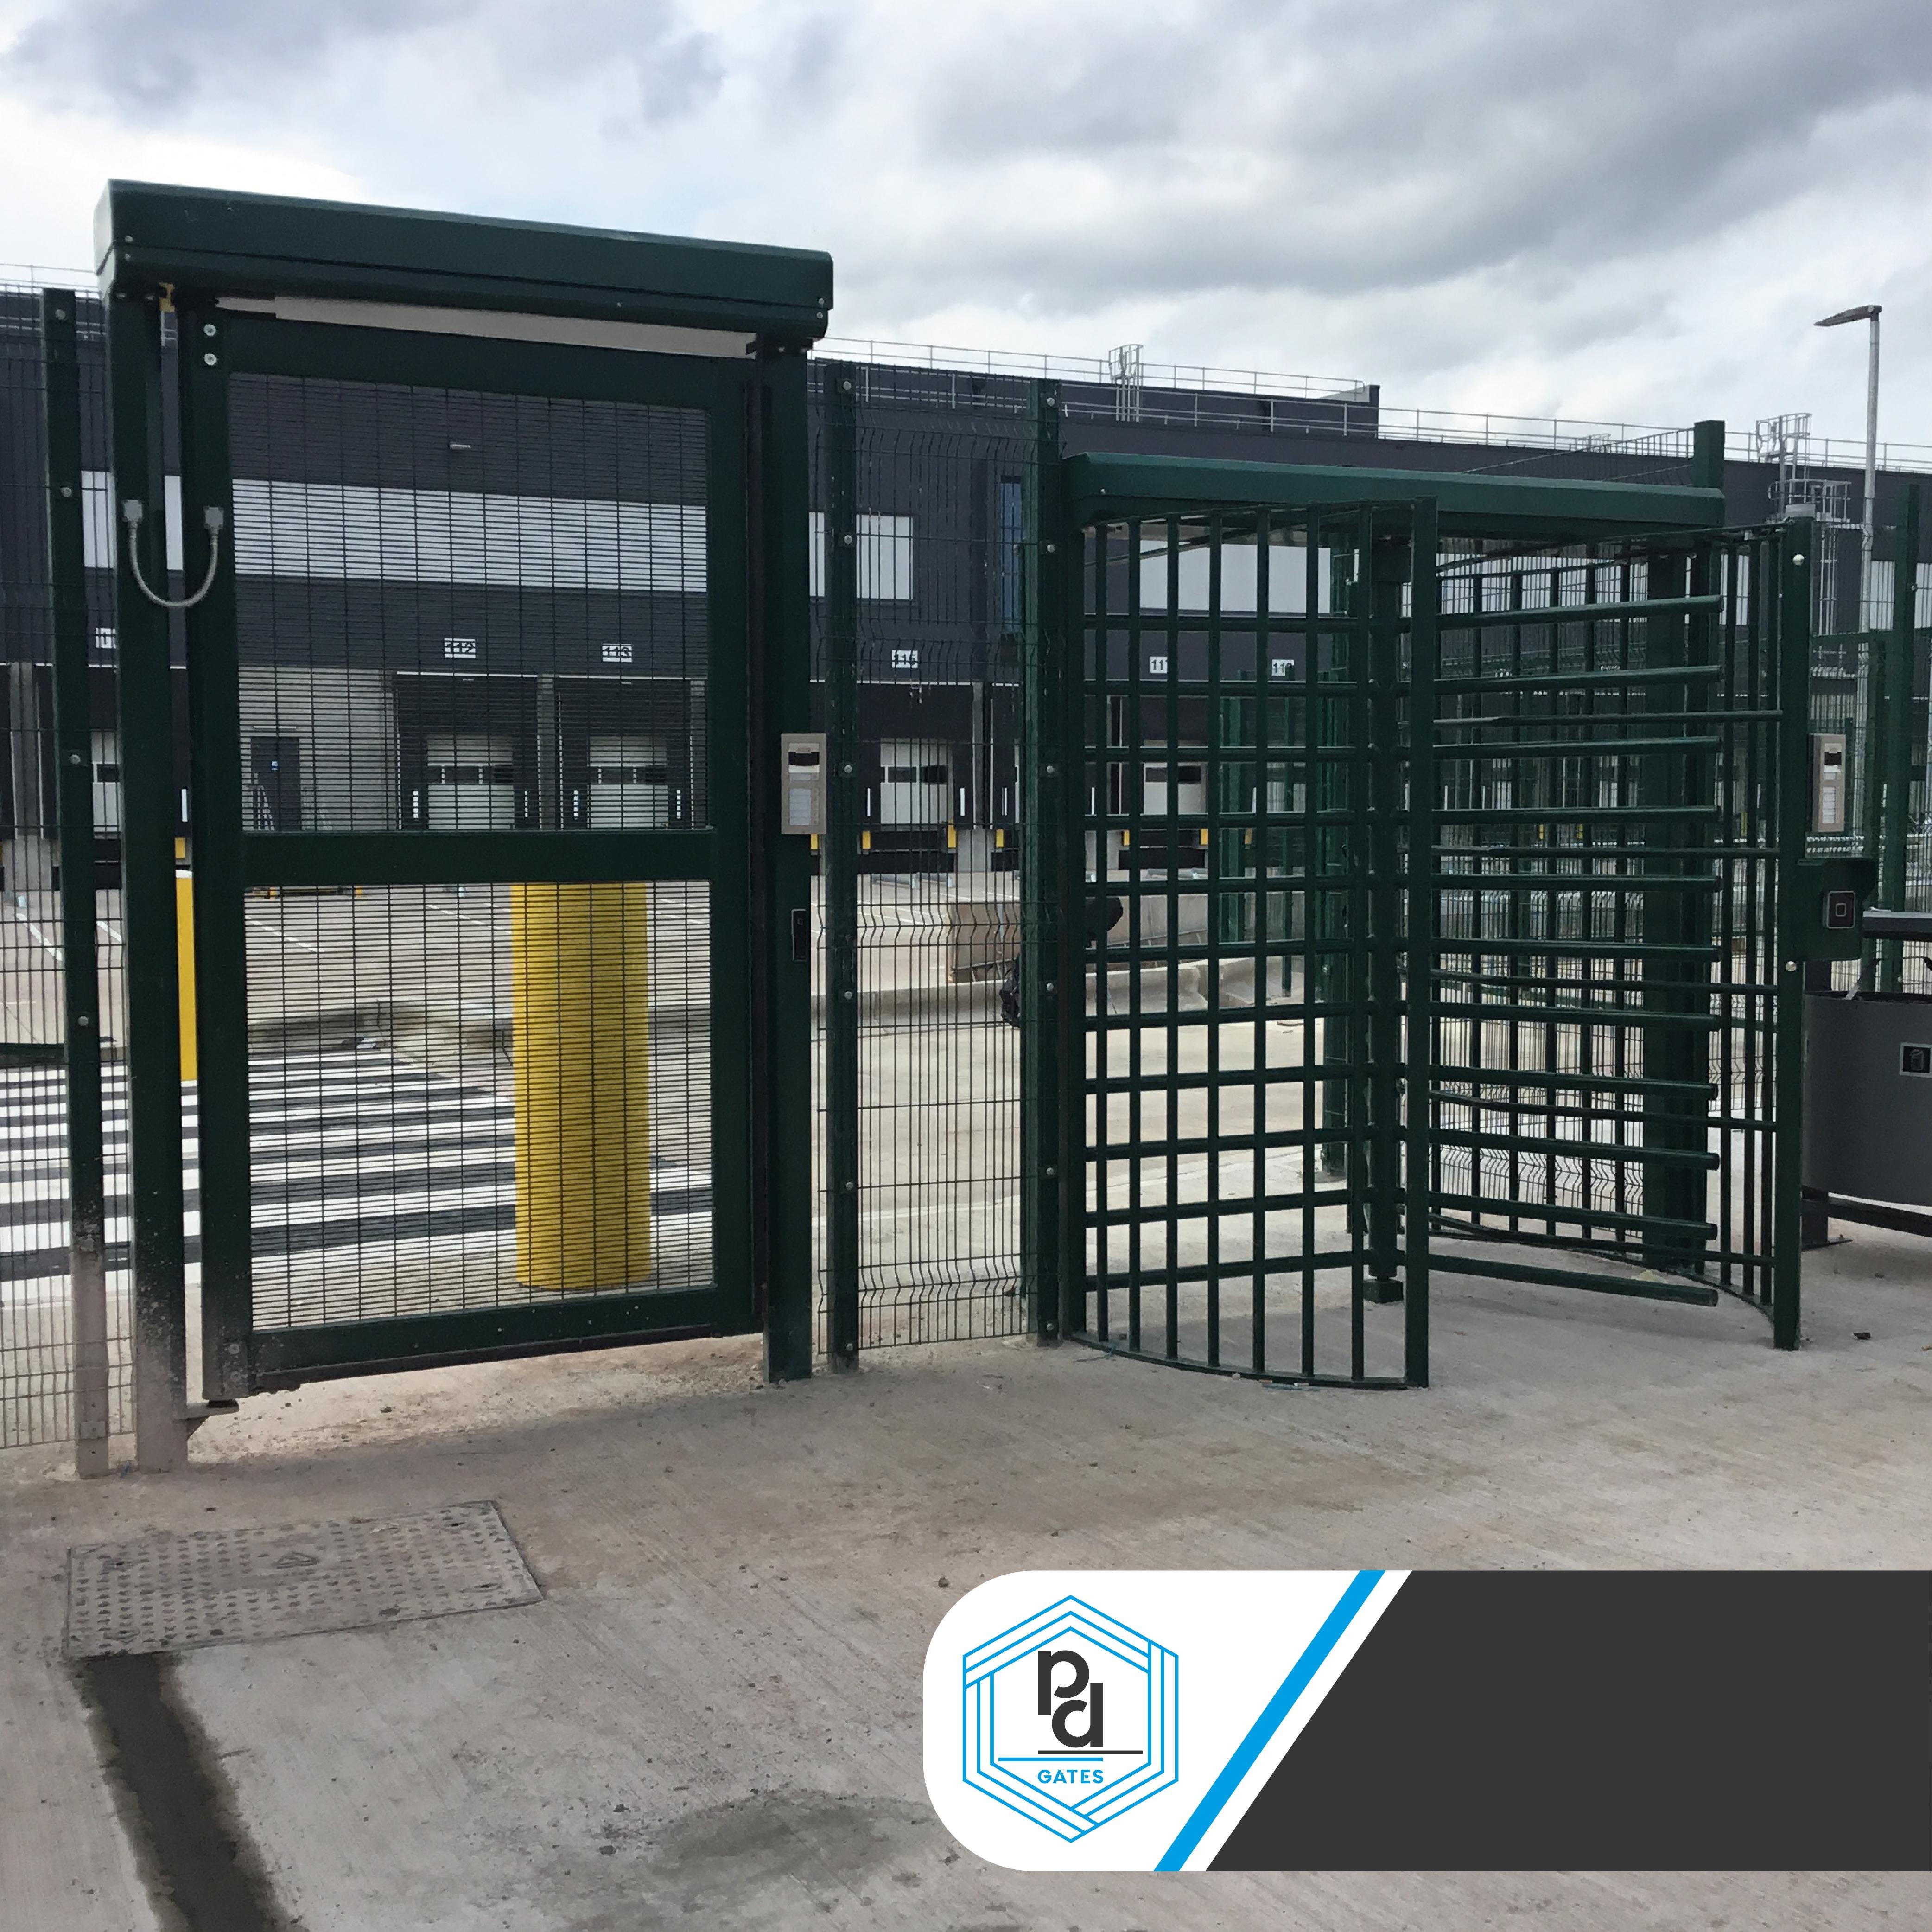 pd_gates-04